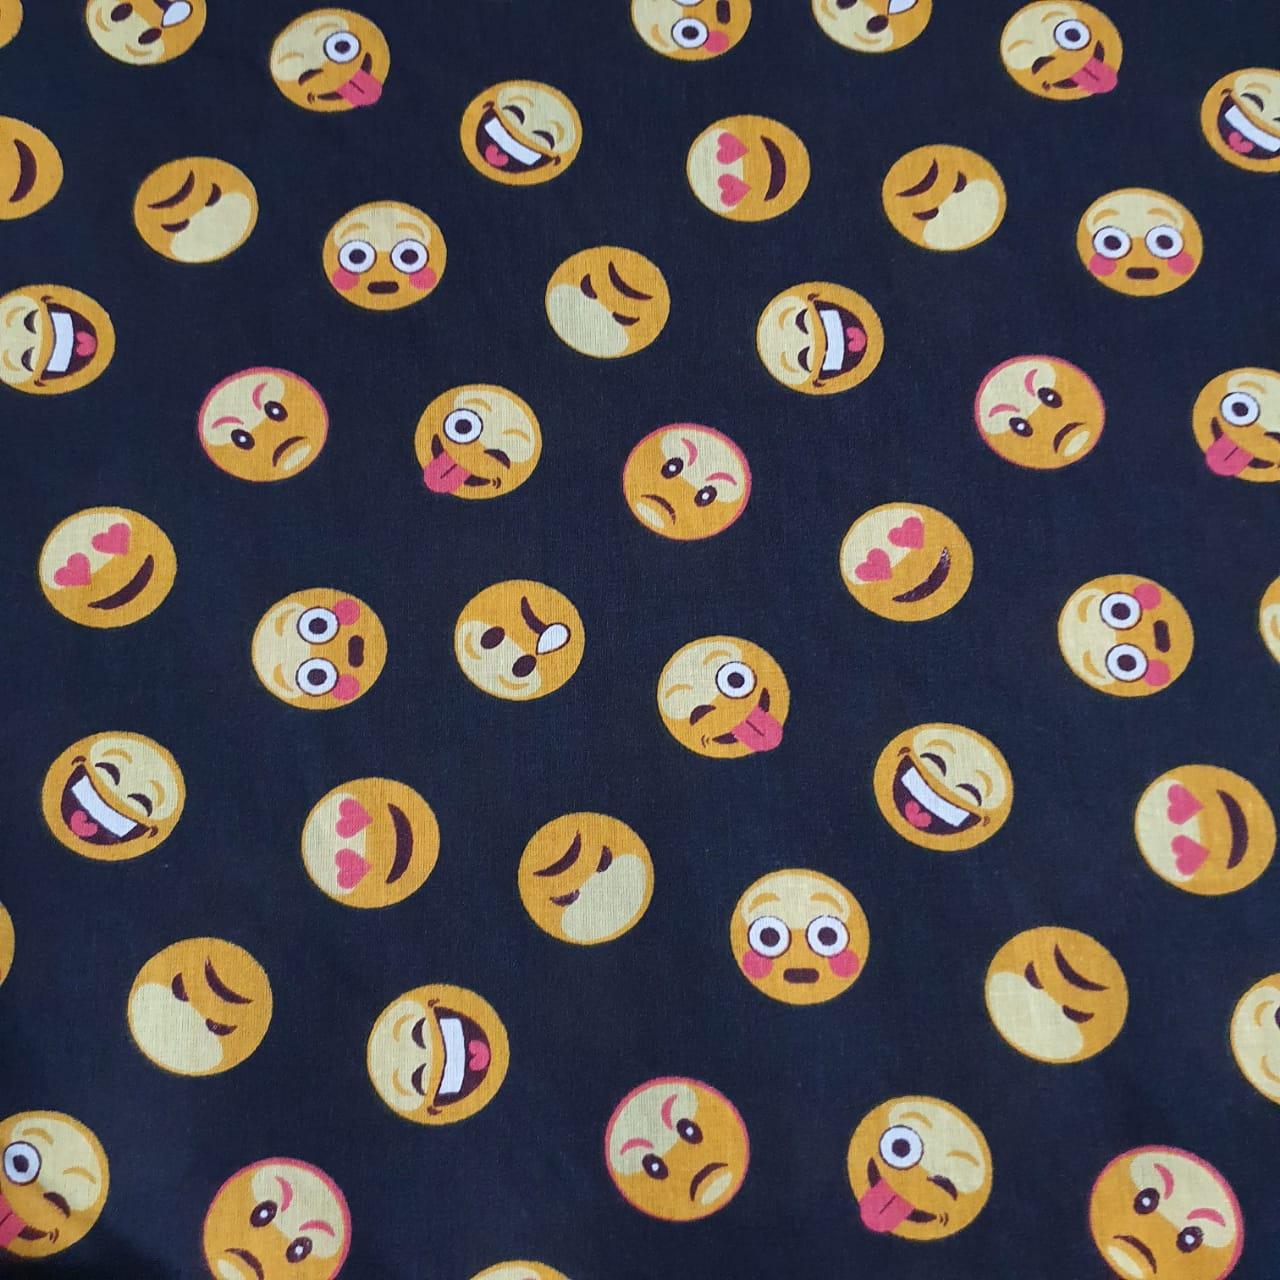 Tecido Tricoline Emoji Preto